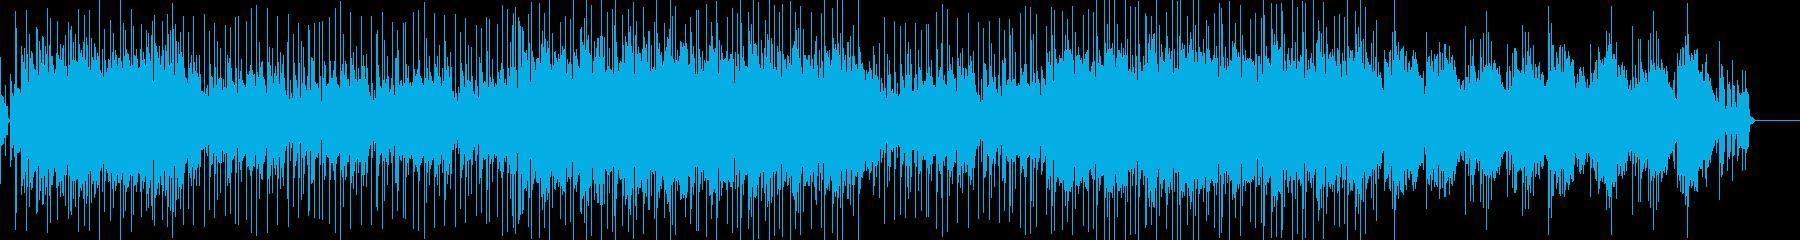 メランコリックの再生済みの波形